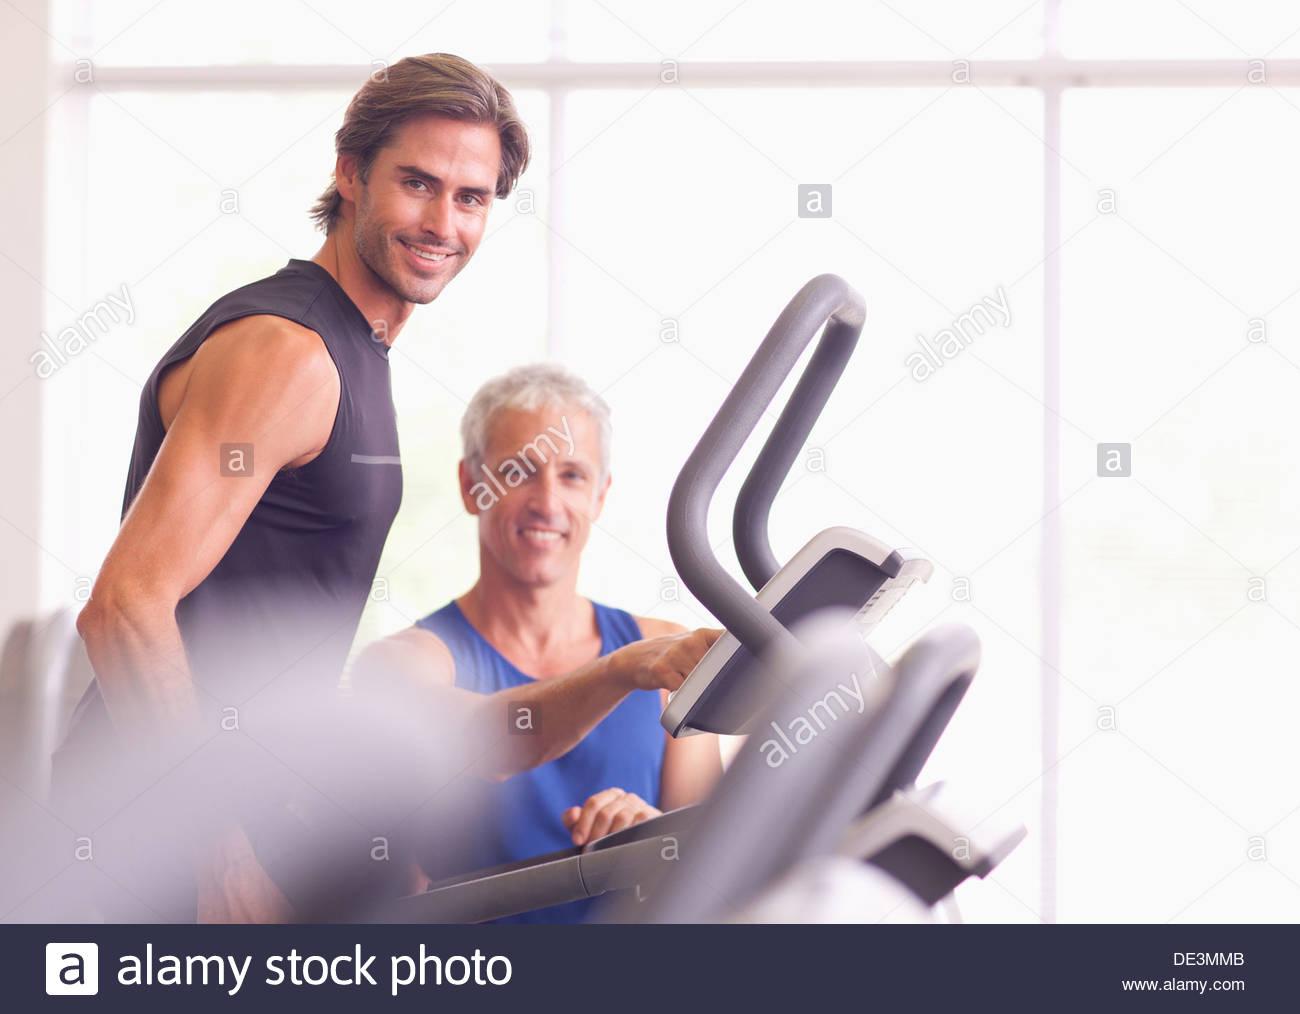 Los hombres hablando en cinta en el gimnasio Imagen De Stock